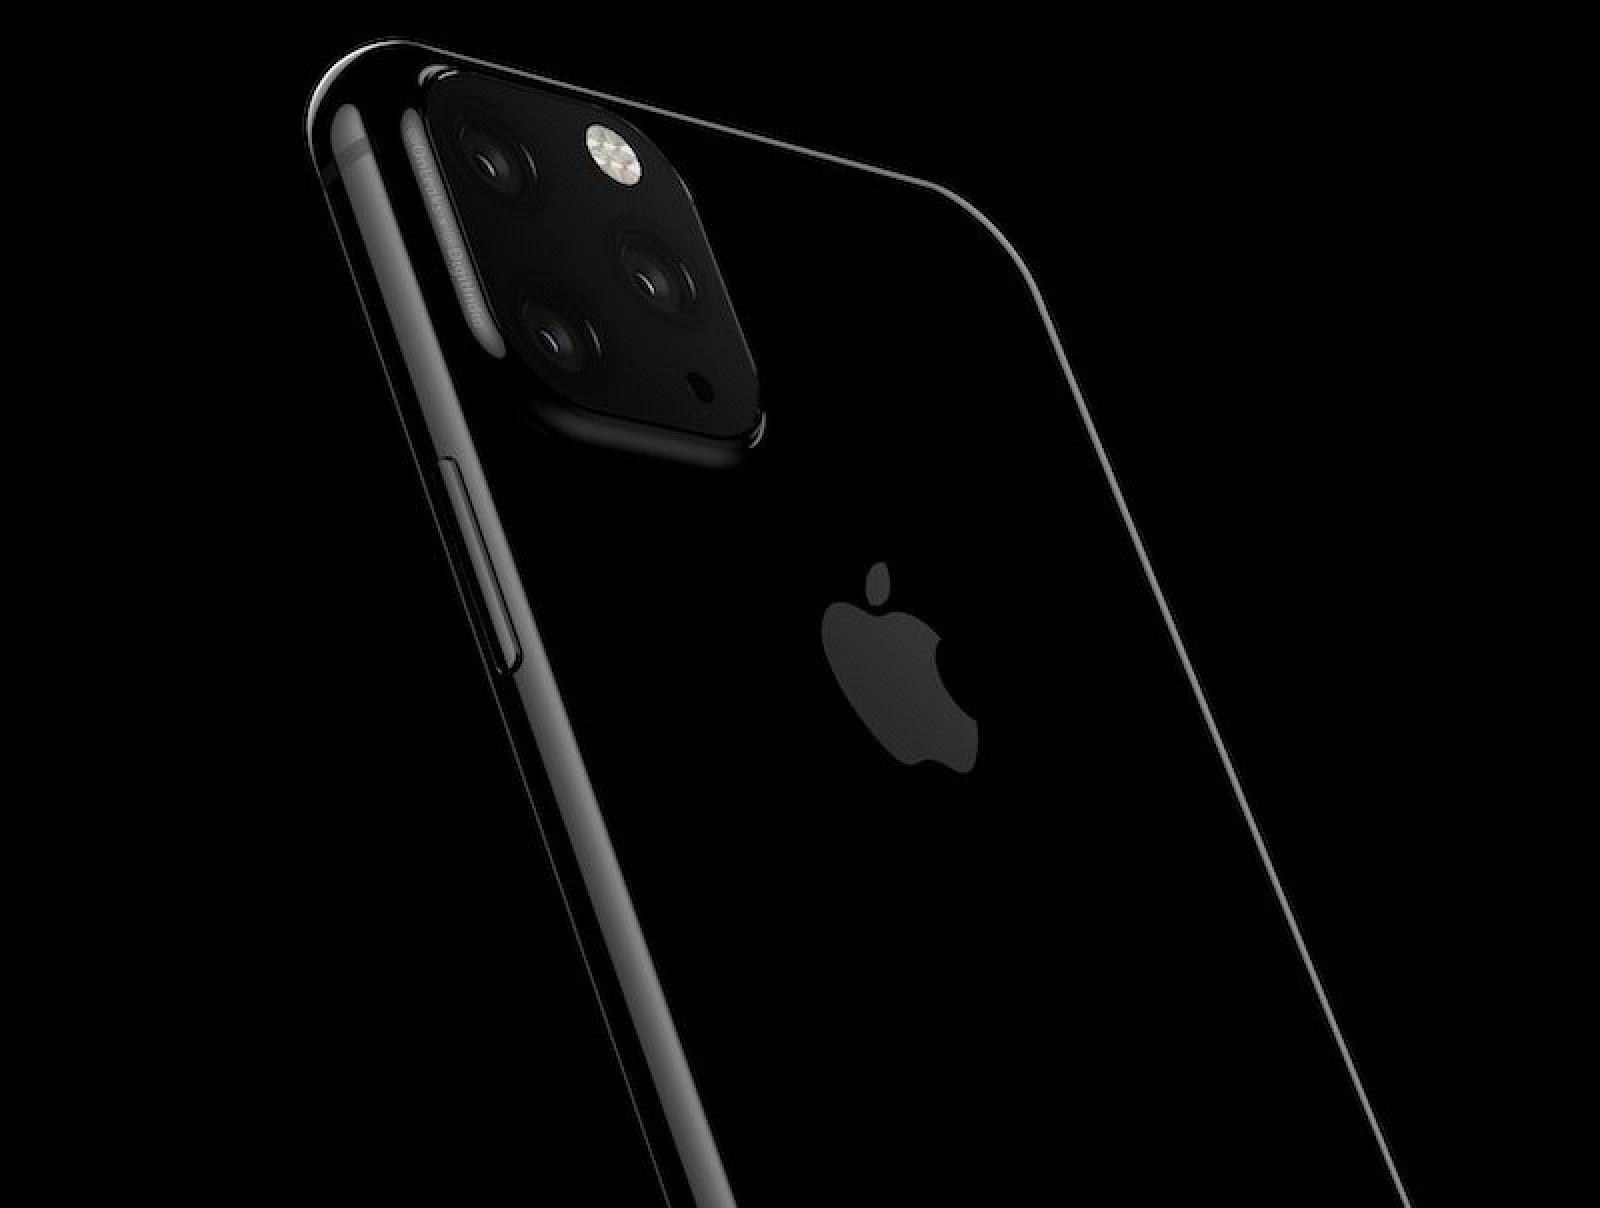 """Apple sẽ cải tiến iPhone thế nào trong khi các hãng Android """"bứt tốc""""? - 2"""